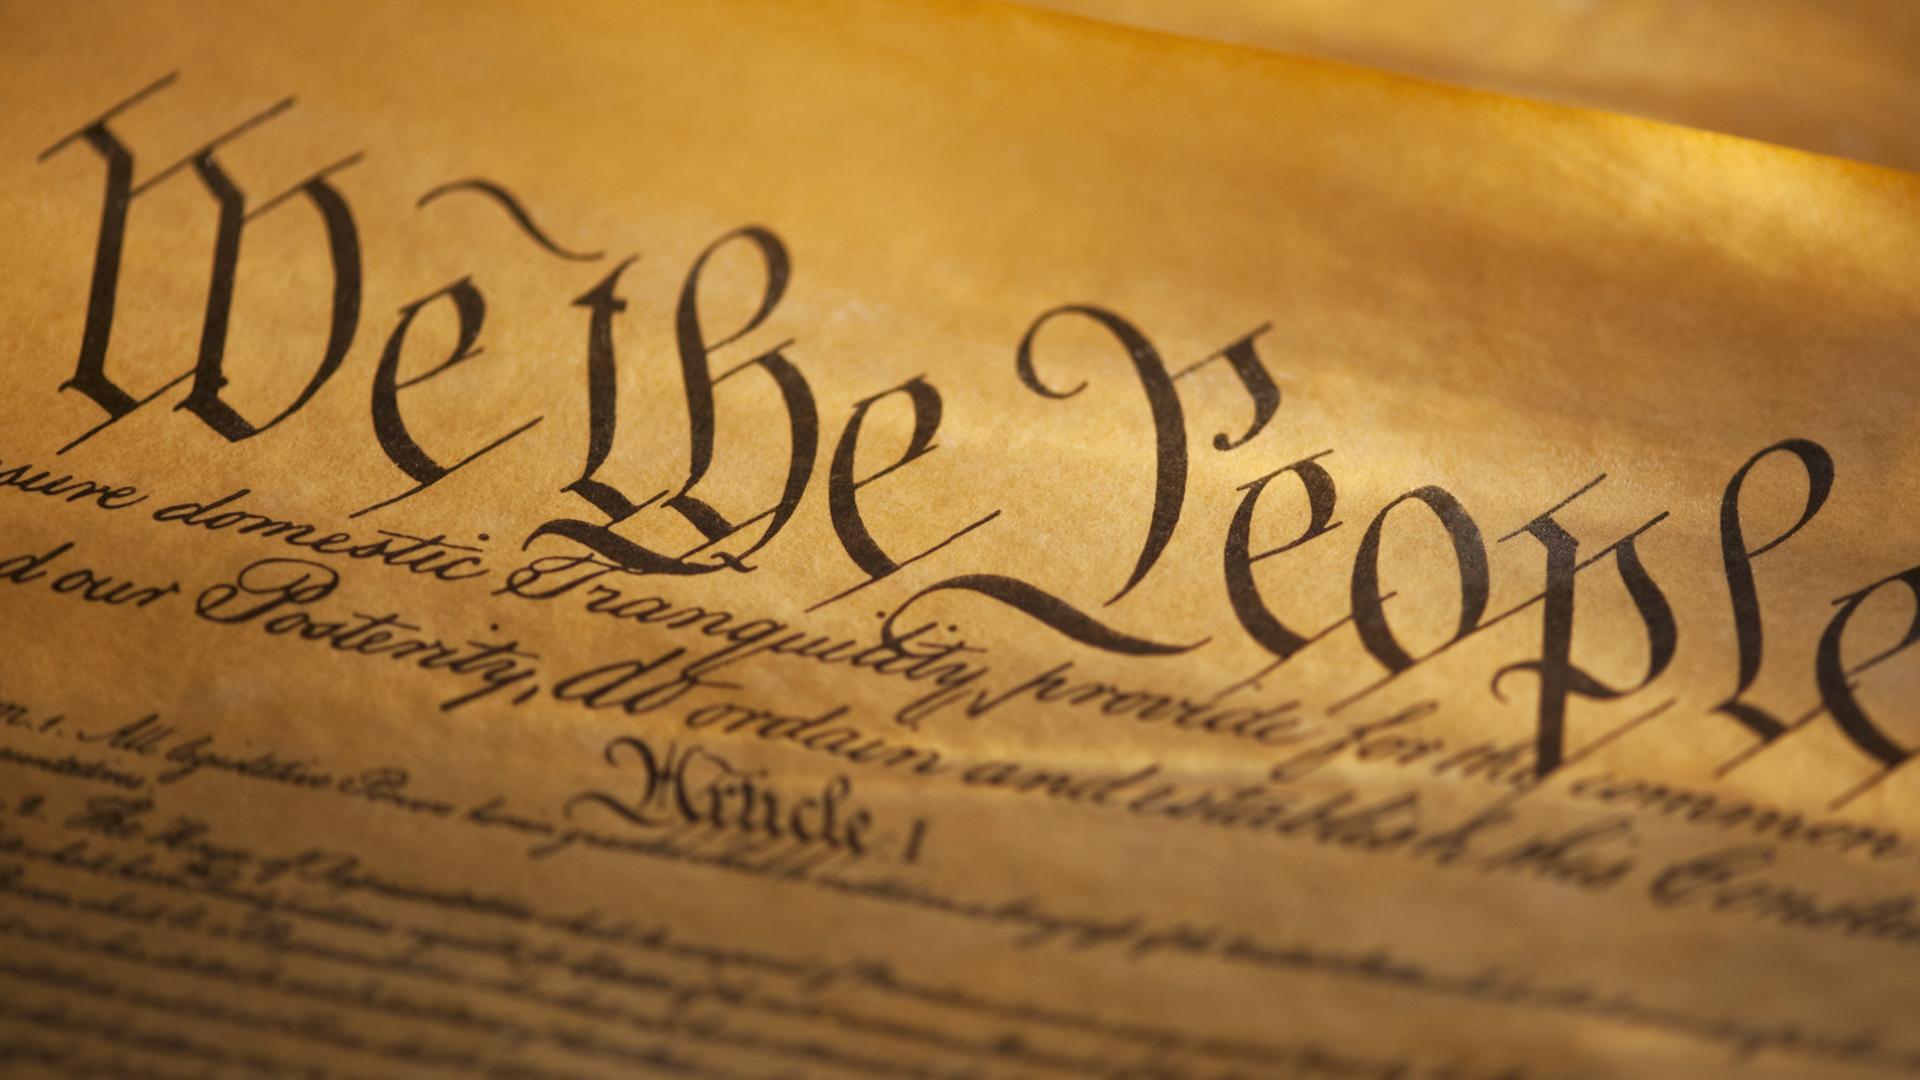 Yale Law Professor Jack Balkin to deliver 2018 Constitution